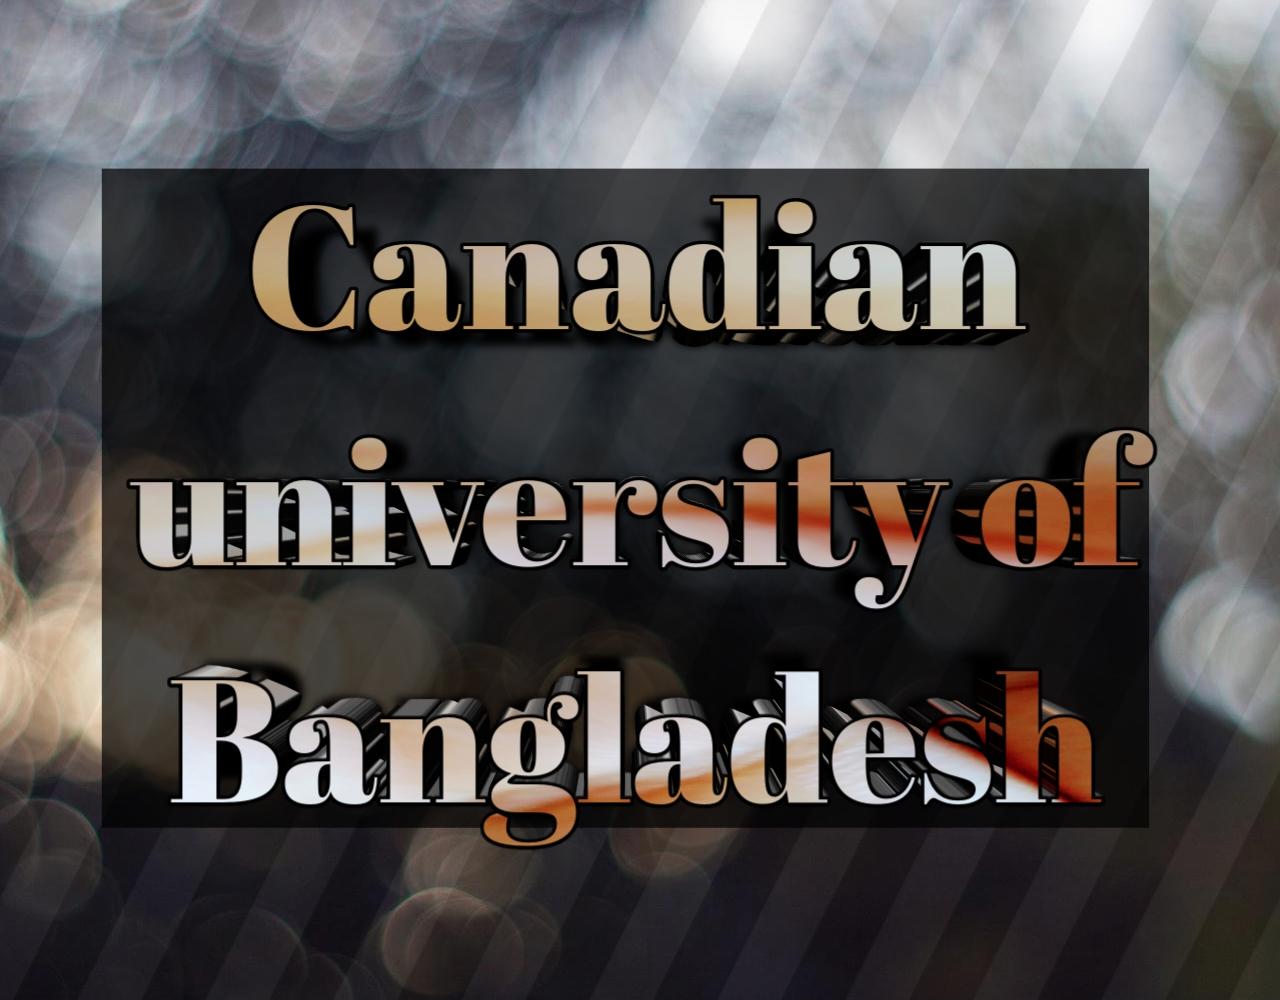 কানাডিয়ান বিশ্ববিদ্যালয় বাংলাদেশ ভর্তি পরীক্ষার পদ্ধতি 2020-2021, canadian university of Bangladesh Admission system 2020-2021, canadian university of Bangladesh admission test exam 2020-2021, কানাডিয়ান বিশ্ববিদ্যালয় বাংলাদেশ আবেদনের যোগ্যতা ২০২০-২১, canadian university of Bangladesh admission ability 2020-2021, কানাডিয়ান বিশ্ববিদ্যালয় বাংলাদেশ আবেদনের ন্যূনতম জিপিএ,  canadian university of Bangladesh admission test, কানাডিয়ান বিশ্ববিদ্যালয় বাংলাদেশ ইউনিট পদ্ধতি, canadian university of Bangladesh unit system, কানাডিয়ান বিশ্ববিদ্যালয় বাংলাদেশ ভর্তি পরীক্ষার নম্বর বন্টন ২০২০-২০২১, canadian university of Bangladesh subject list, কানাডিয়ান বিশ্ববিদ্যালয় বাংলাদেশ ভর্তি পরীক্ষার তারিখ ২০২০-২০২১, canadian university of Bangladesh admission date 2020-2021, কানাডিয়ান বিশ্ববিদ্যালয় বাংলাদেশ আসন সংখ্যা 2020-2021, canadian university of Bangladesh admission seat 2020-2021, কানাডিয়ান বিশ্ববিদ্যালয় বাংলাদেশয় আবেদন ফি 2020-2021, canadian university of Bangladesh admission fee 2020-2021,